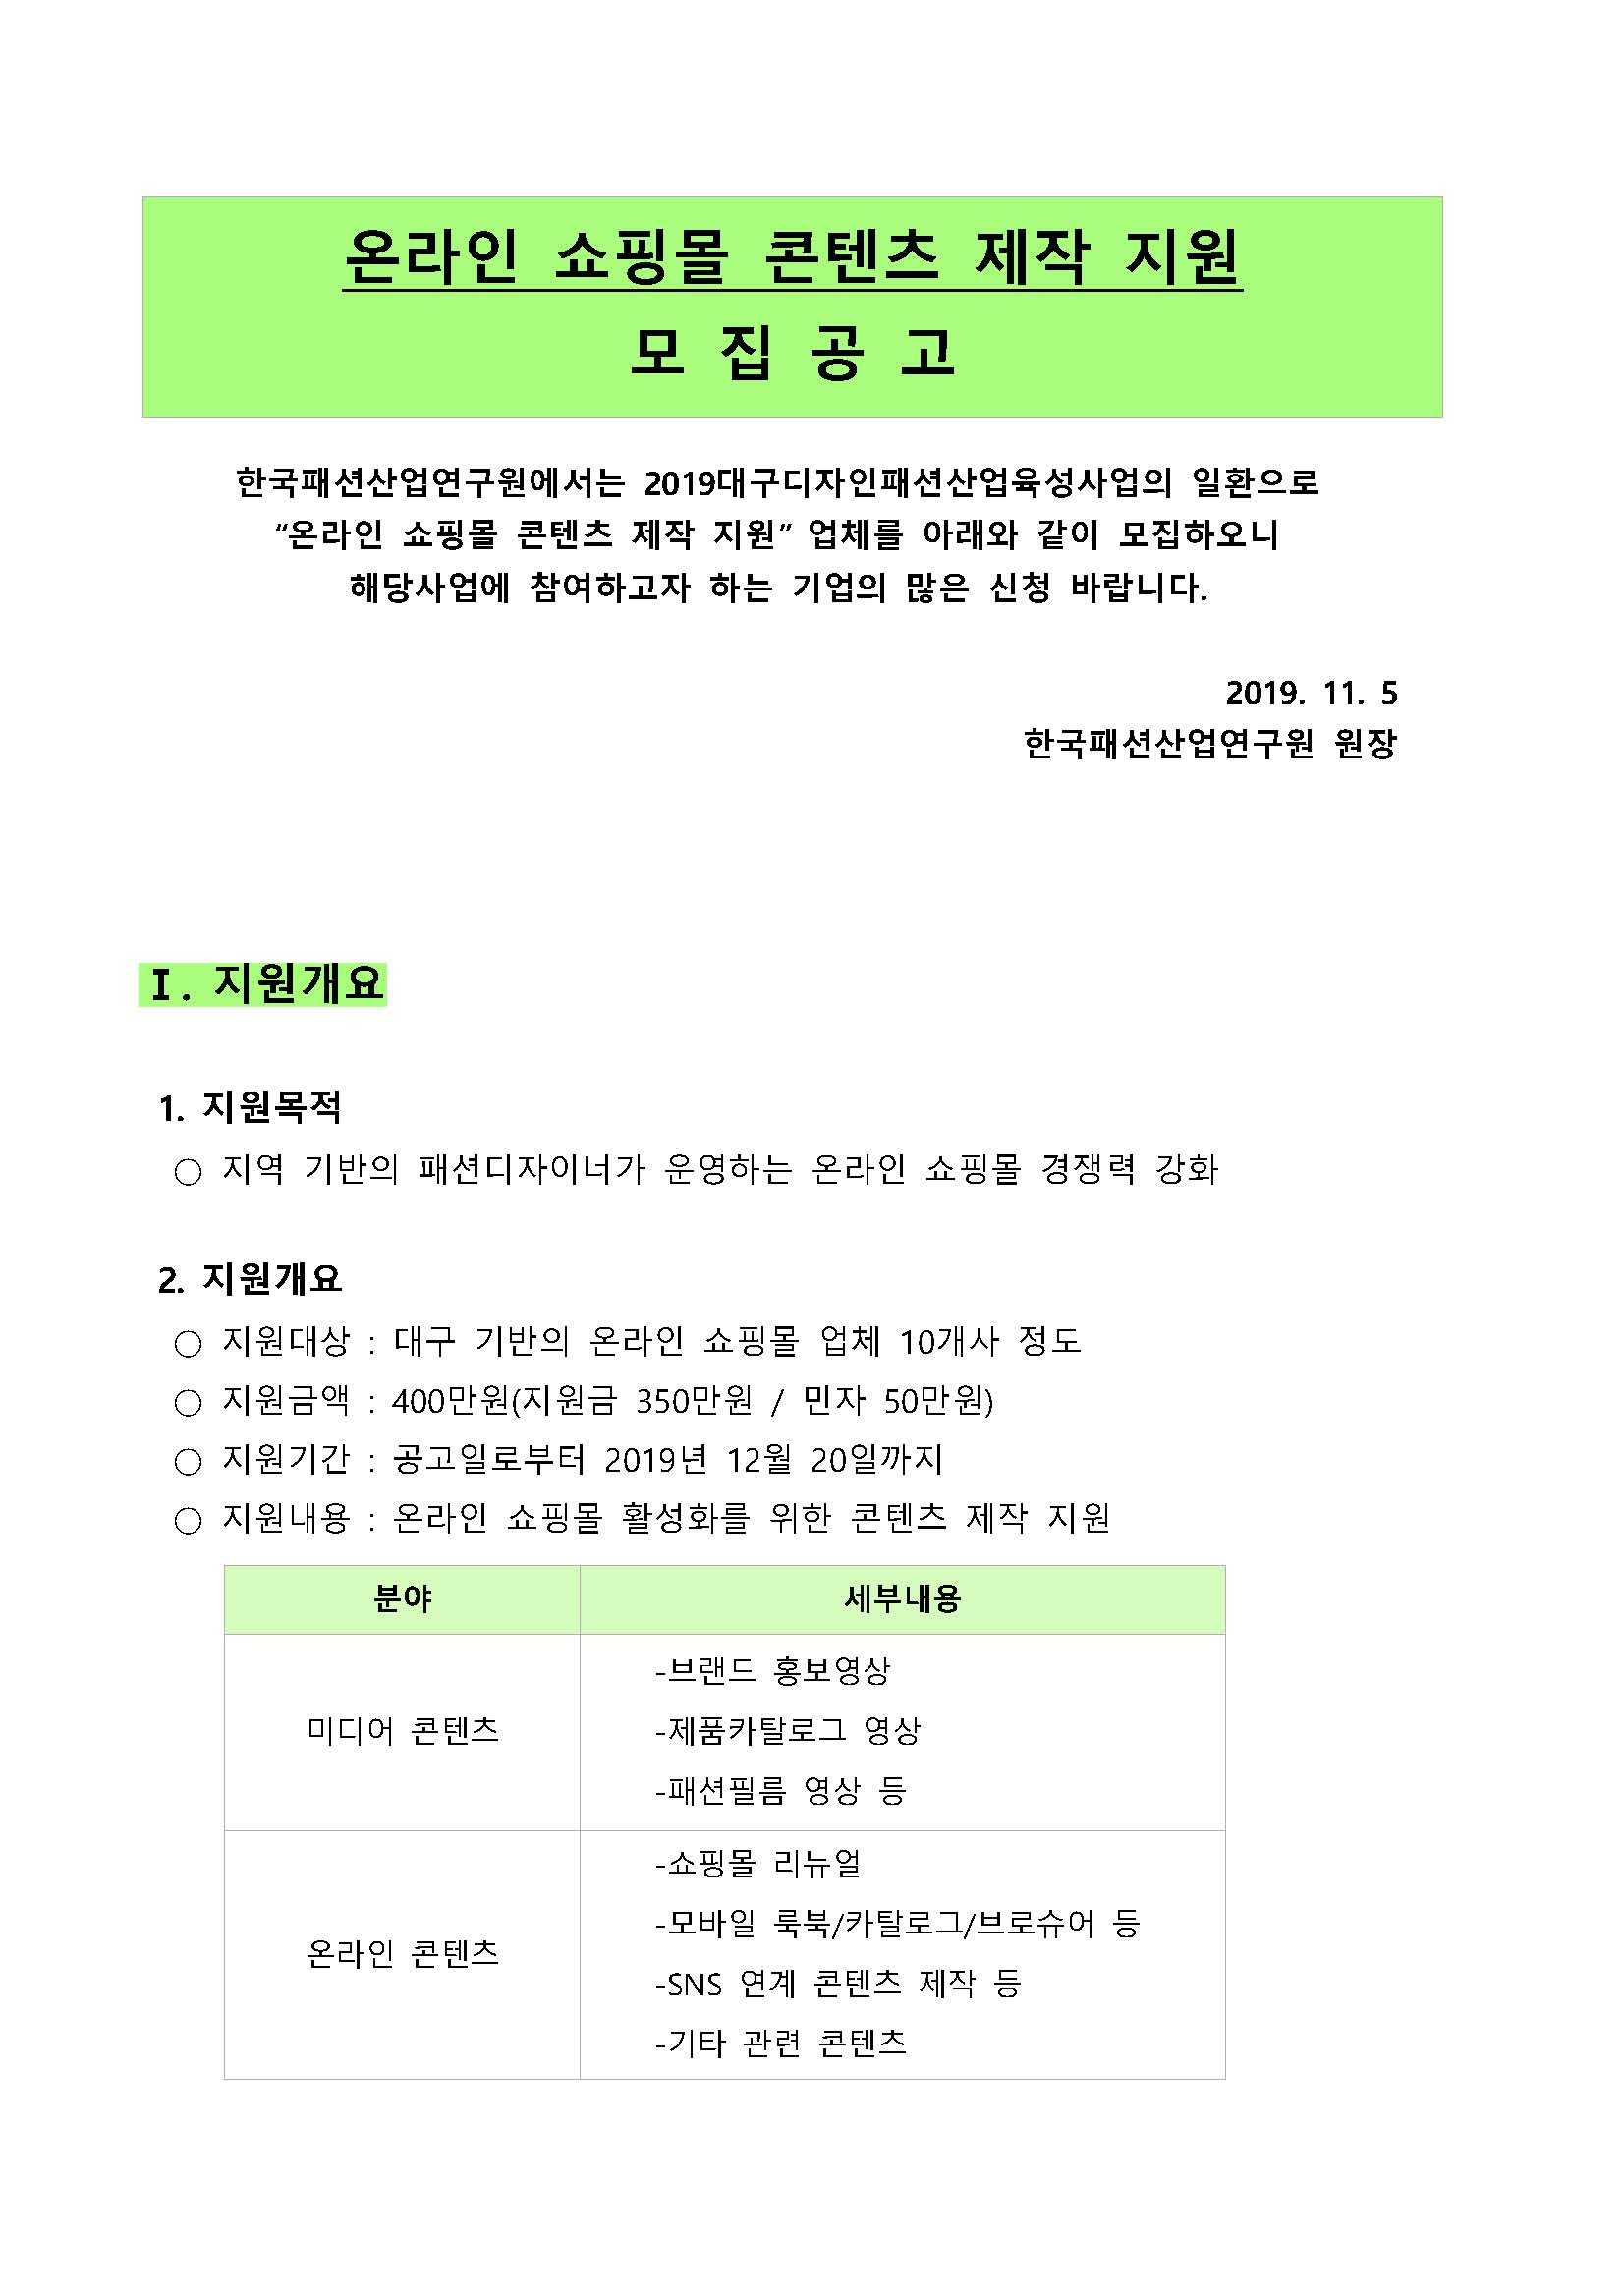 온라인 쇼핑몰 콘텐츠 제작 지원 모집공고(안)_페이지_1.jpg